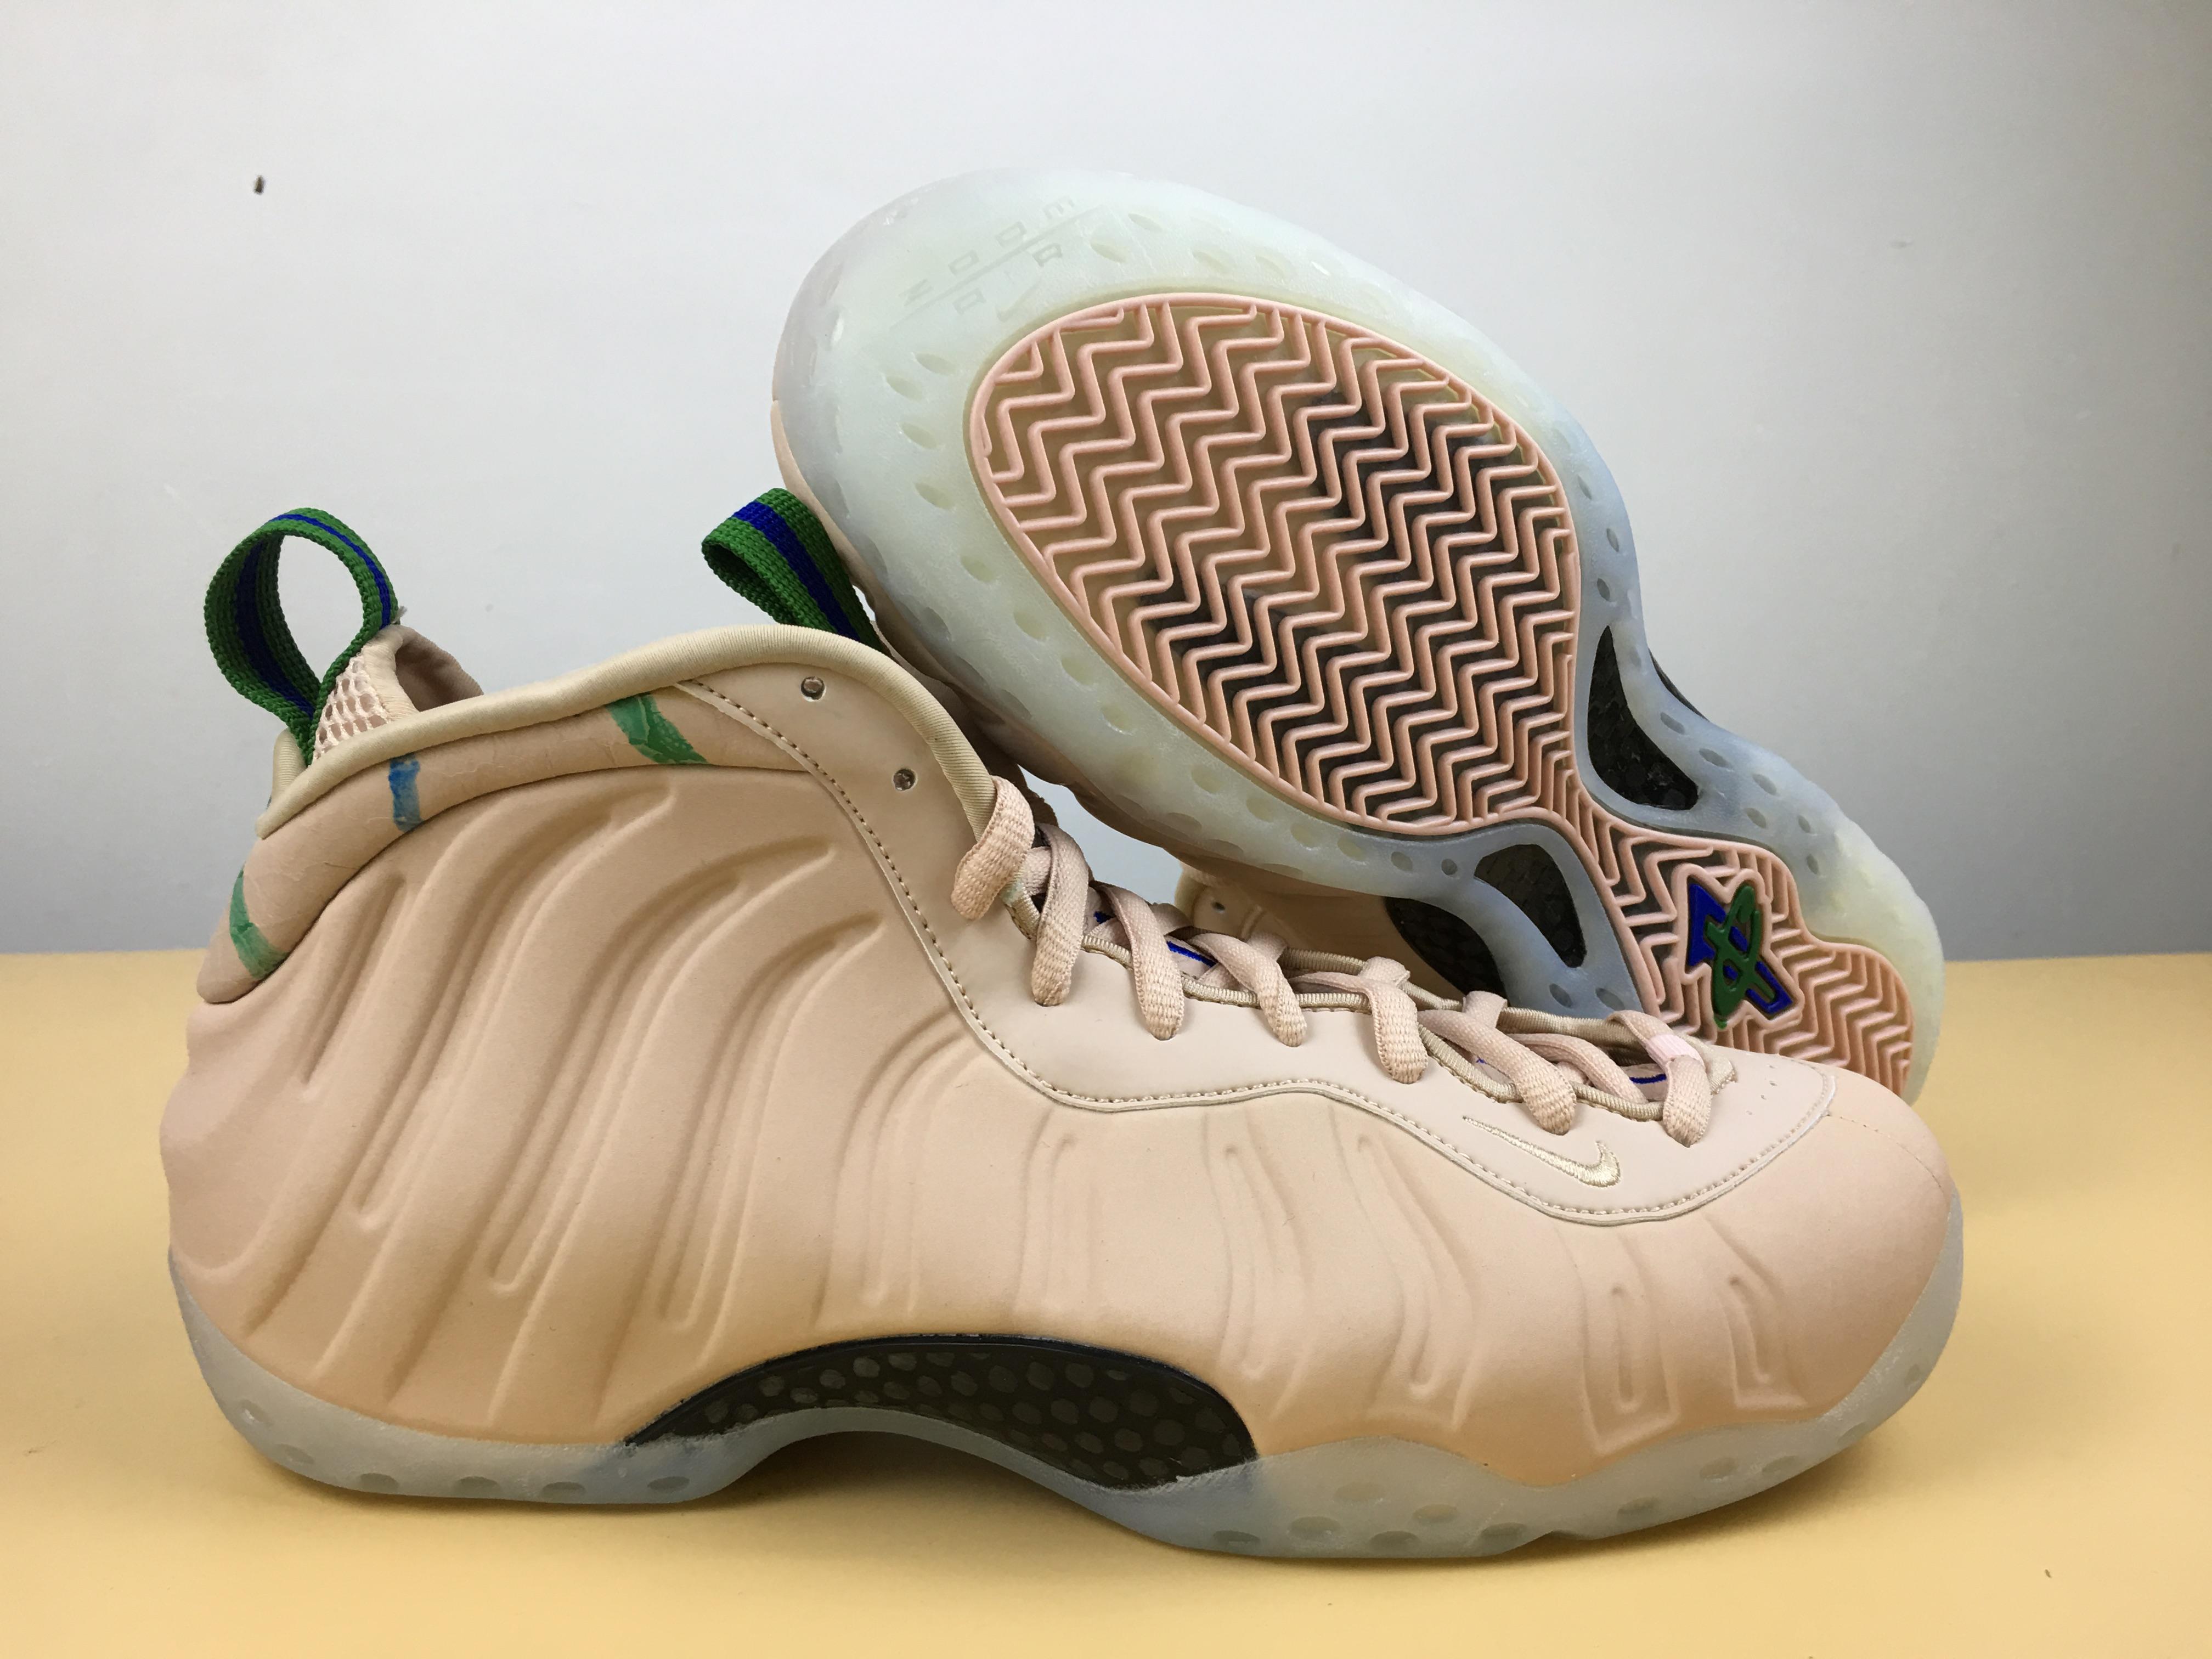 861794959c9 Men Nike Air Foamposite One Particle Beige Black Shoes  18women7203 ...